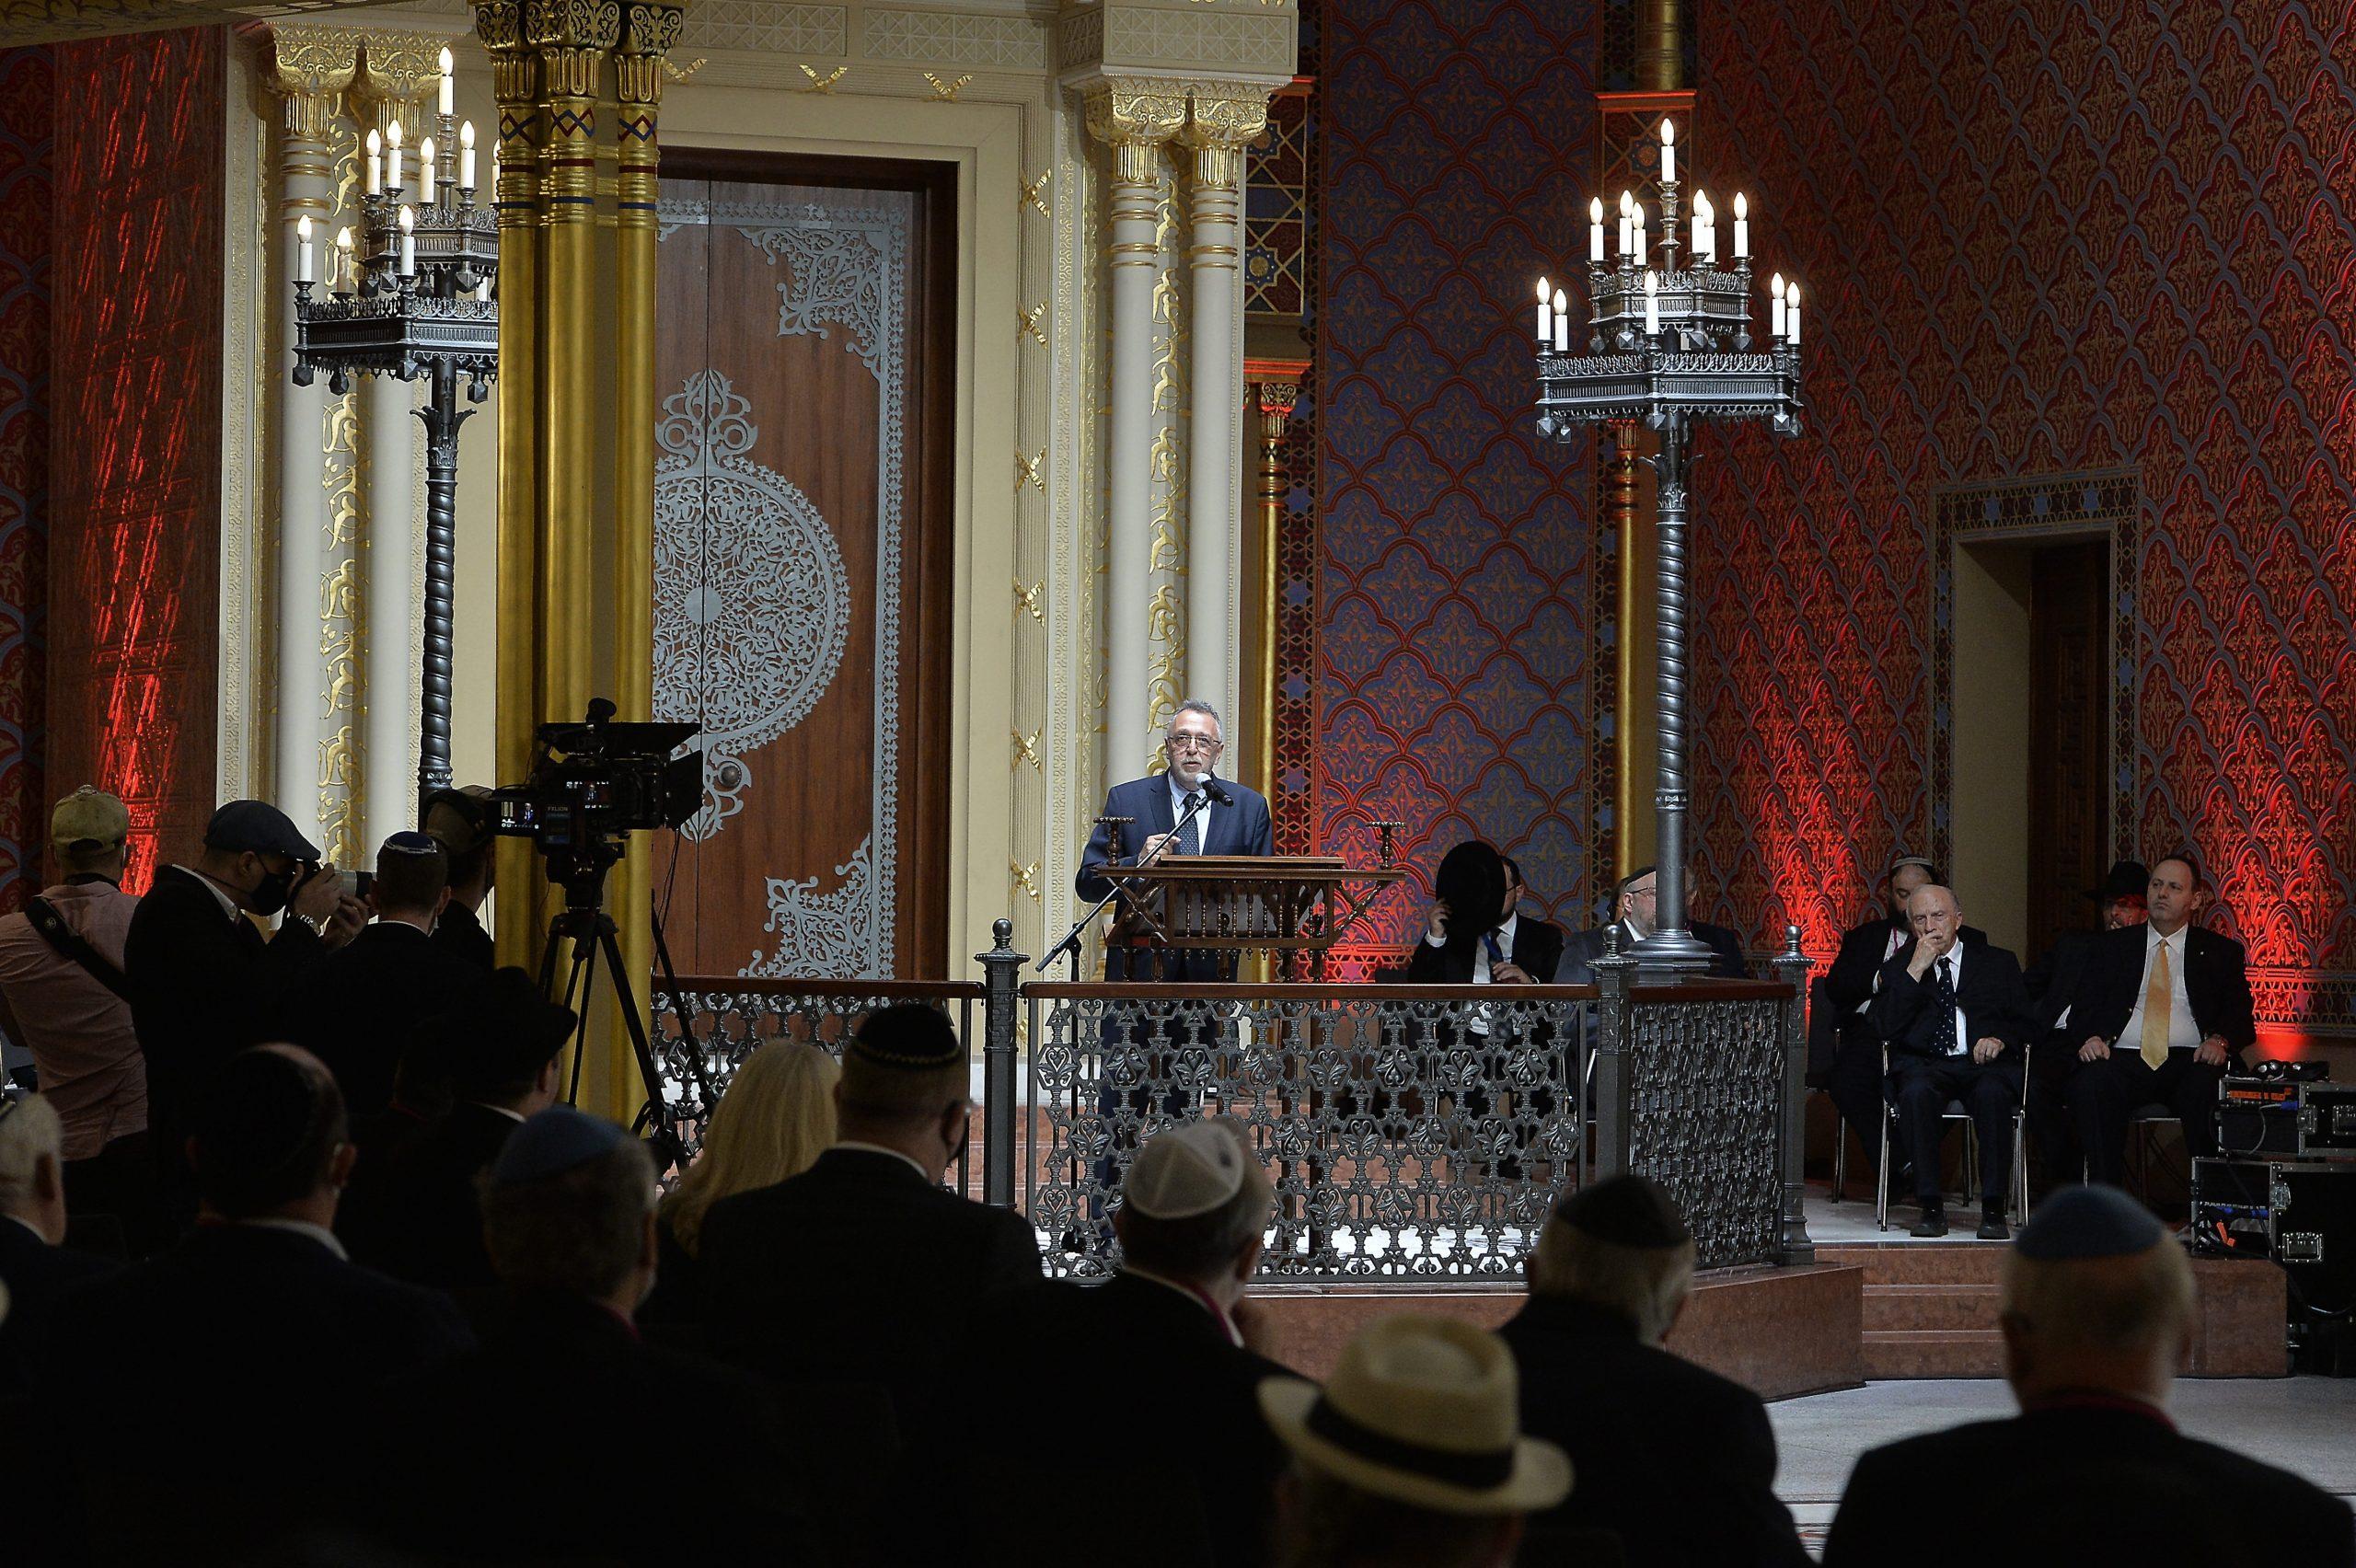 Jüdische Organisation Mazsihisz: Ungarn sollte mehr gegen Antisemitismus tun